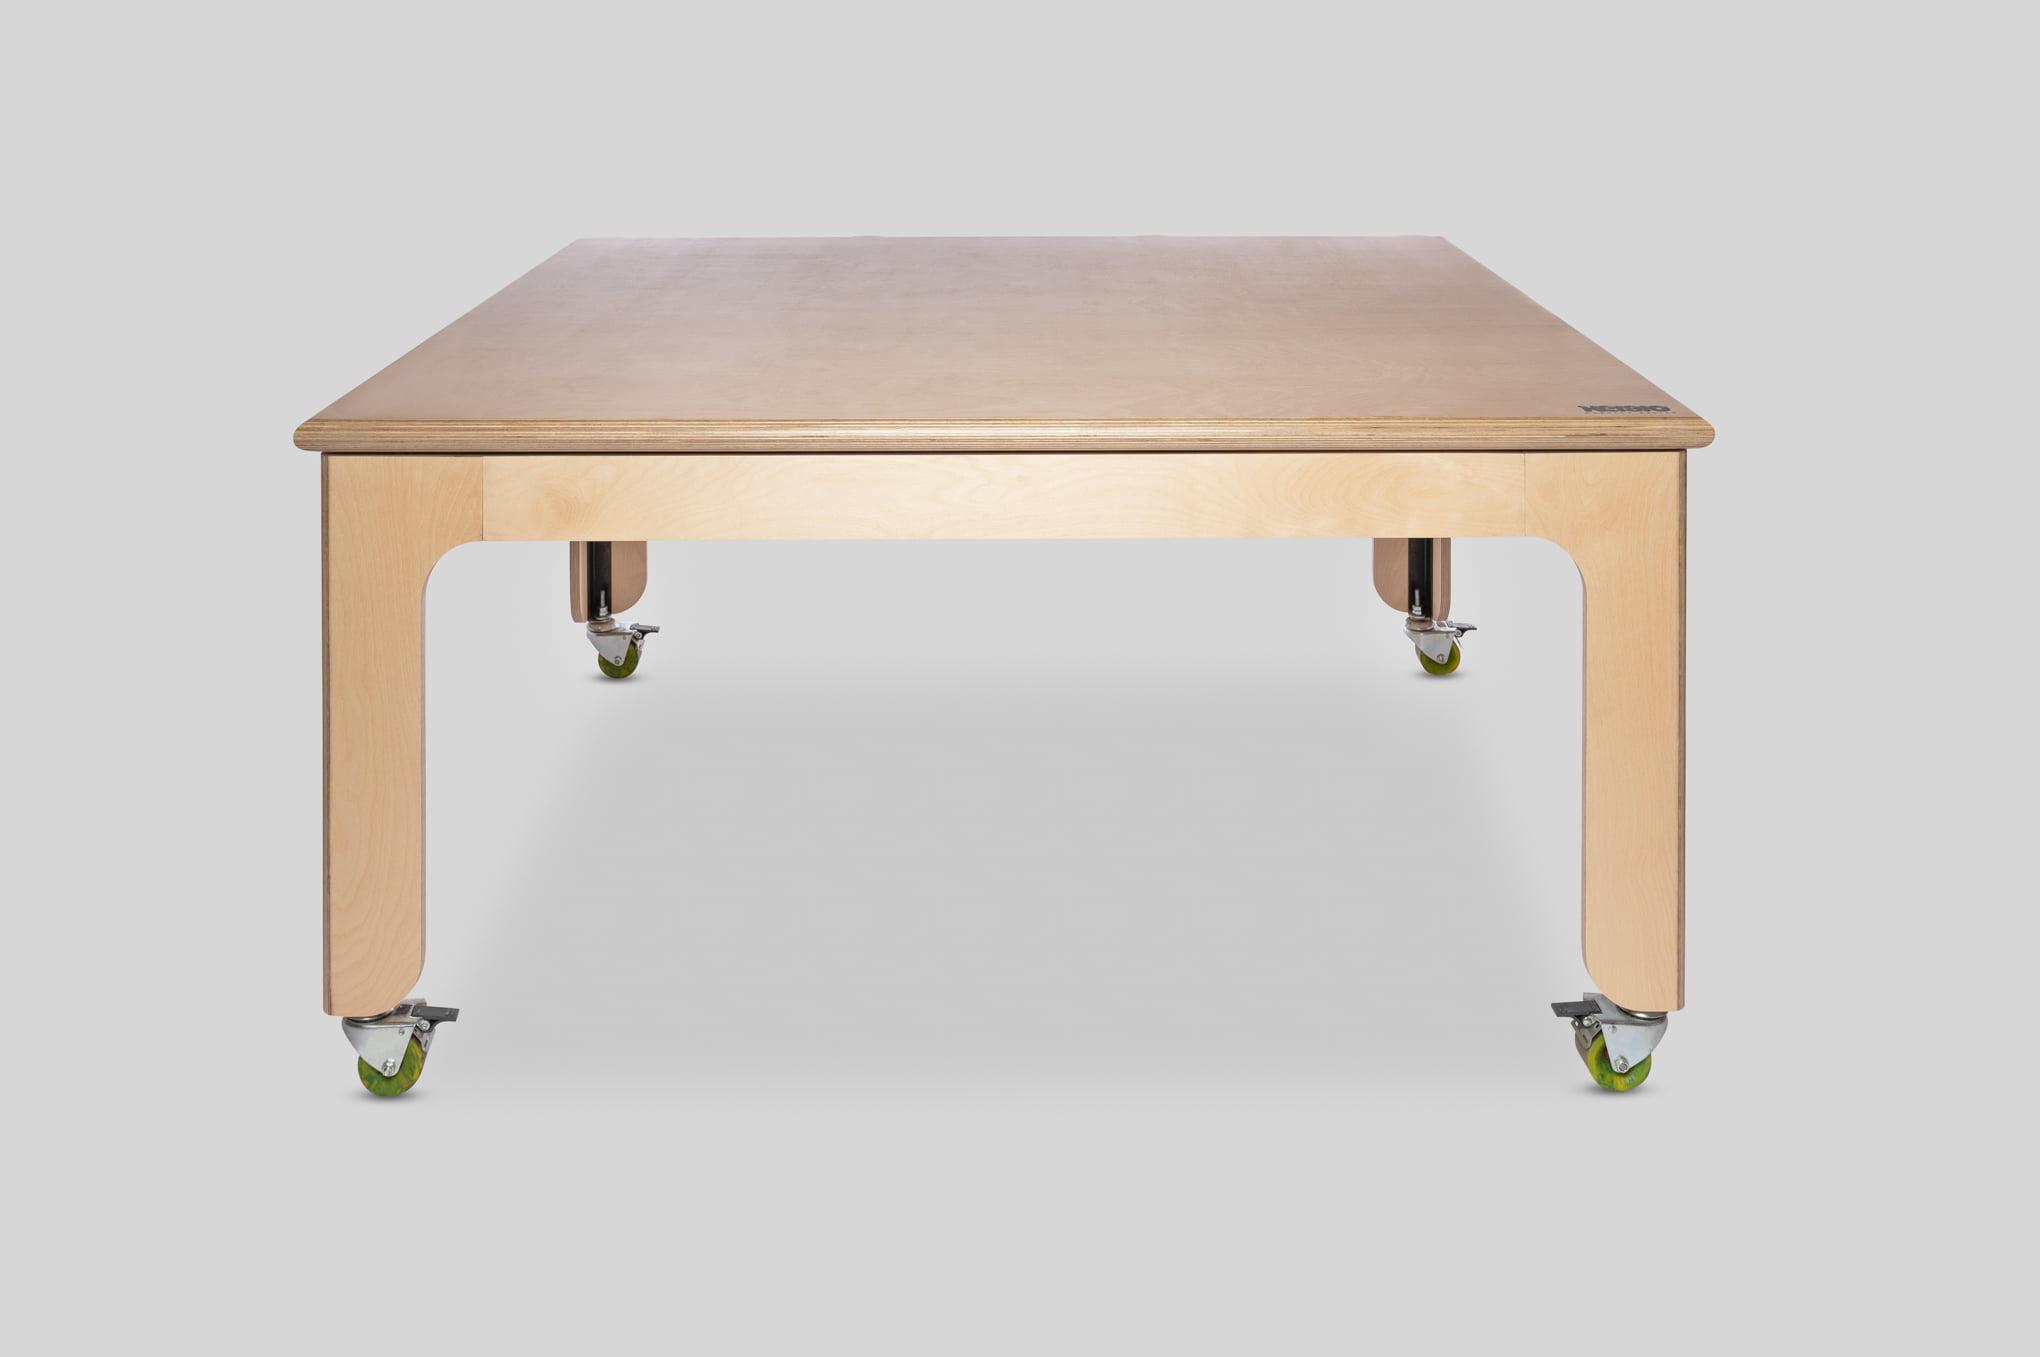 Mesa de Ping Pong, mesa plegable, ping pong table, folding table, design table, mesa de diseño